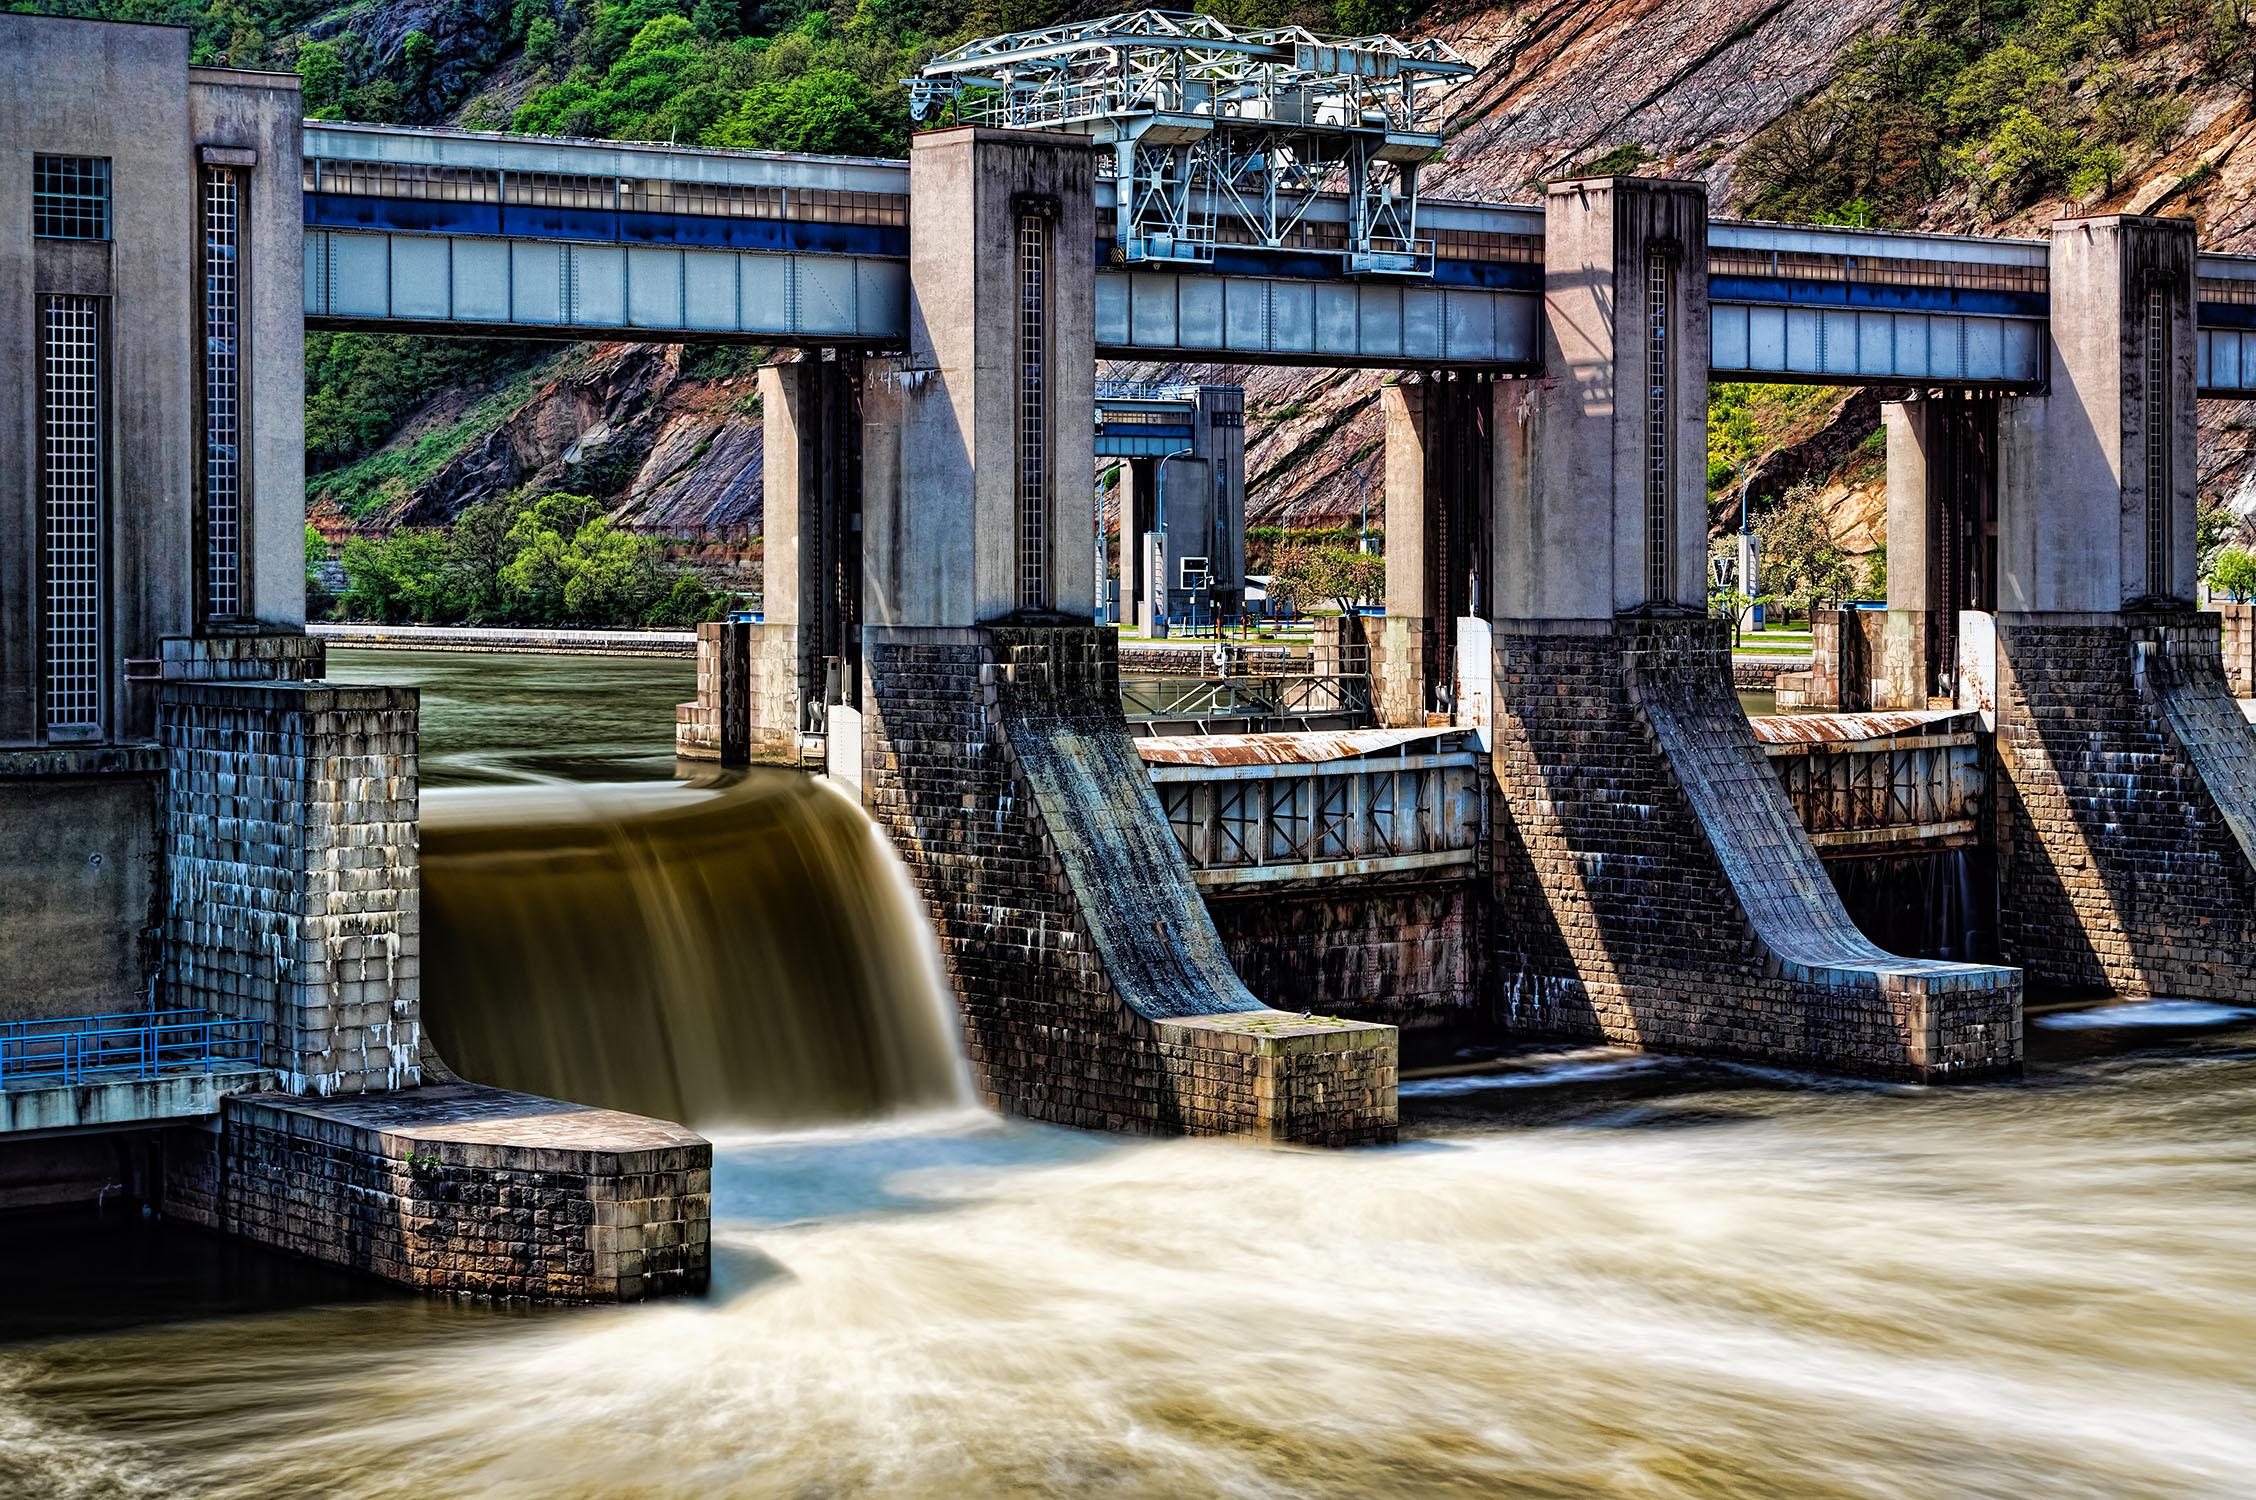 fotka vodní hráz vrané Vltava od Jan Stojan Photography ©